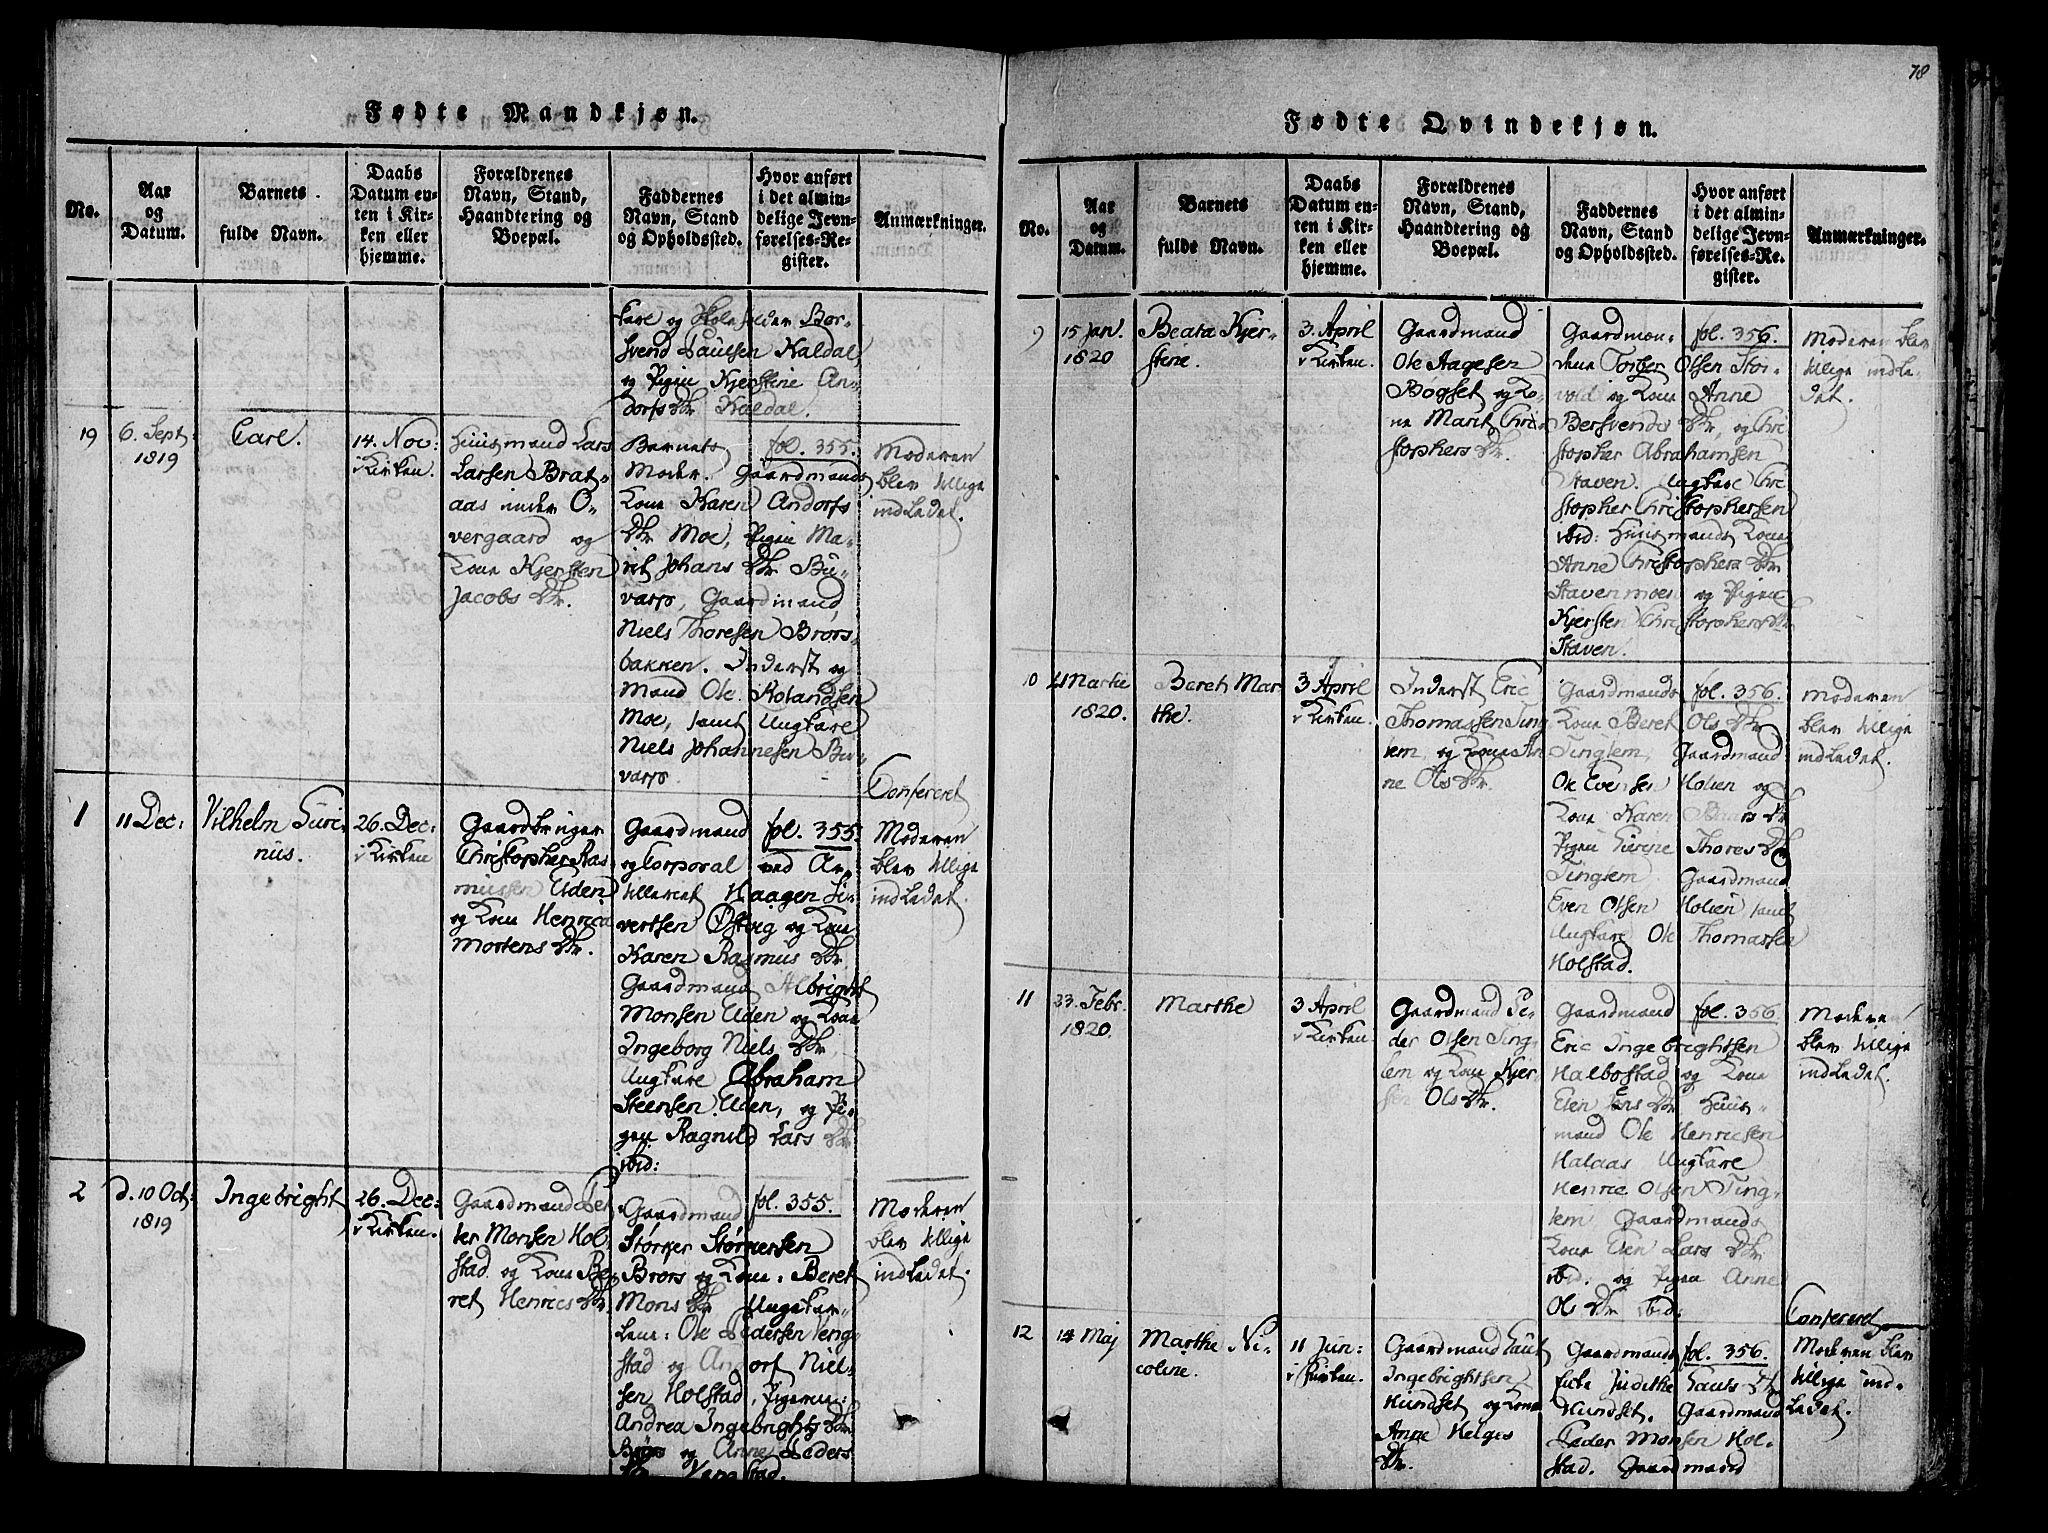 SAT, Ministerialprotokoller, klokkerbøker og fødselsregistre - Nord-Trøndelag, 741/L0387: Ministerialbok nr. 741A03 /3, 1817-1822, s. 78